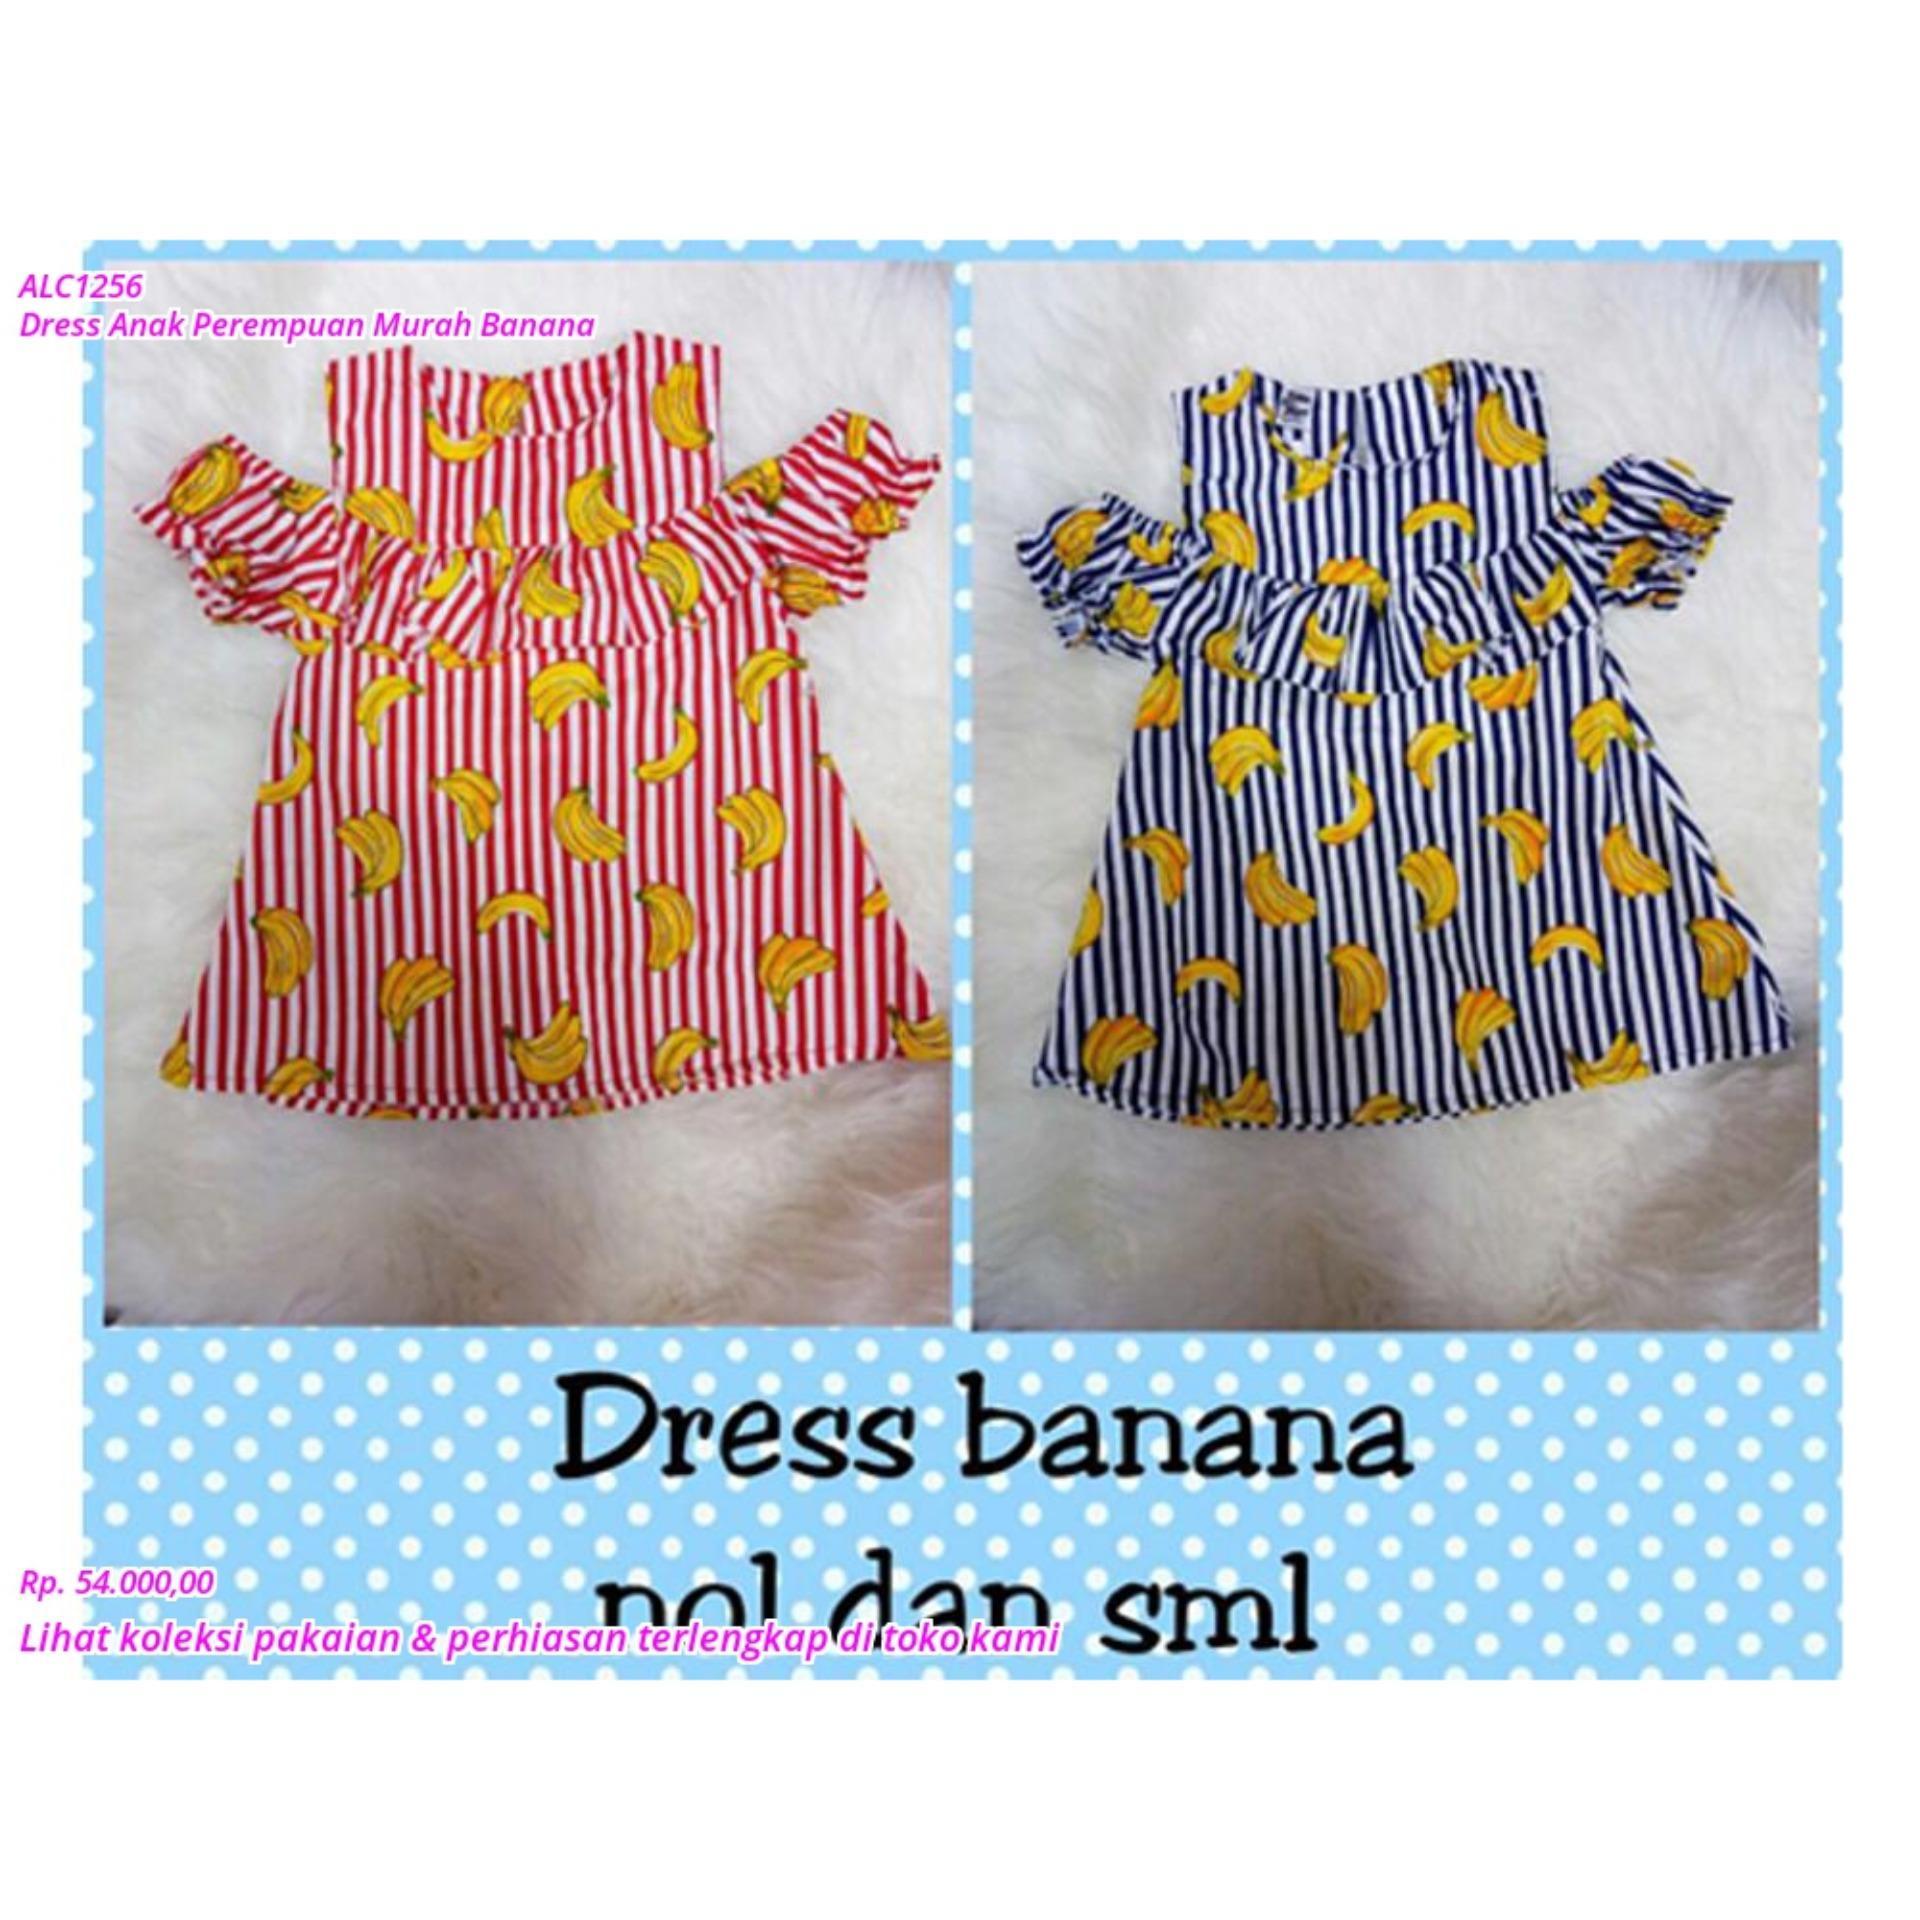 SALE Dress Anak Perempuan Murah Banana TERMURAH